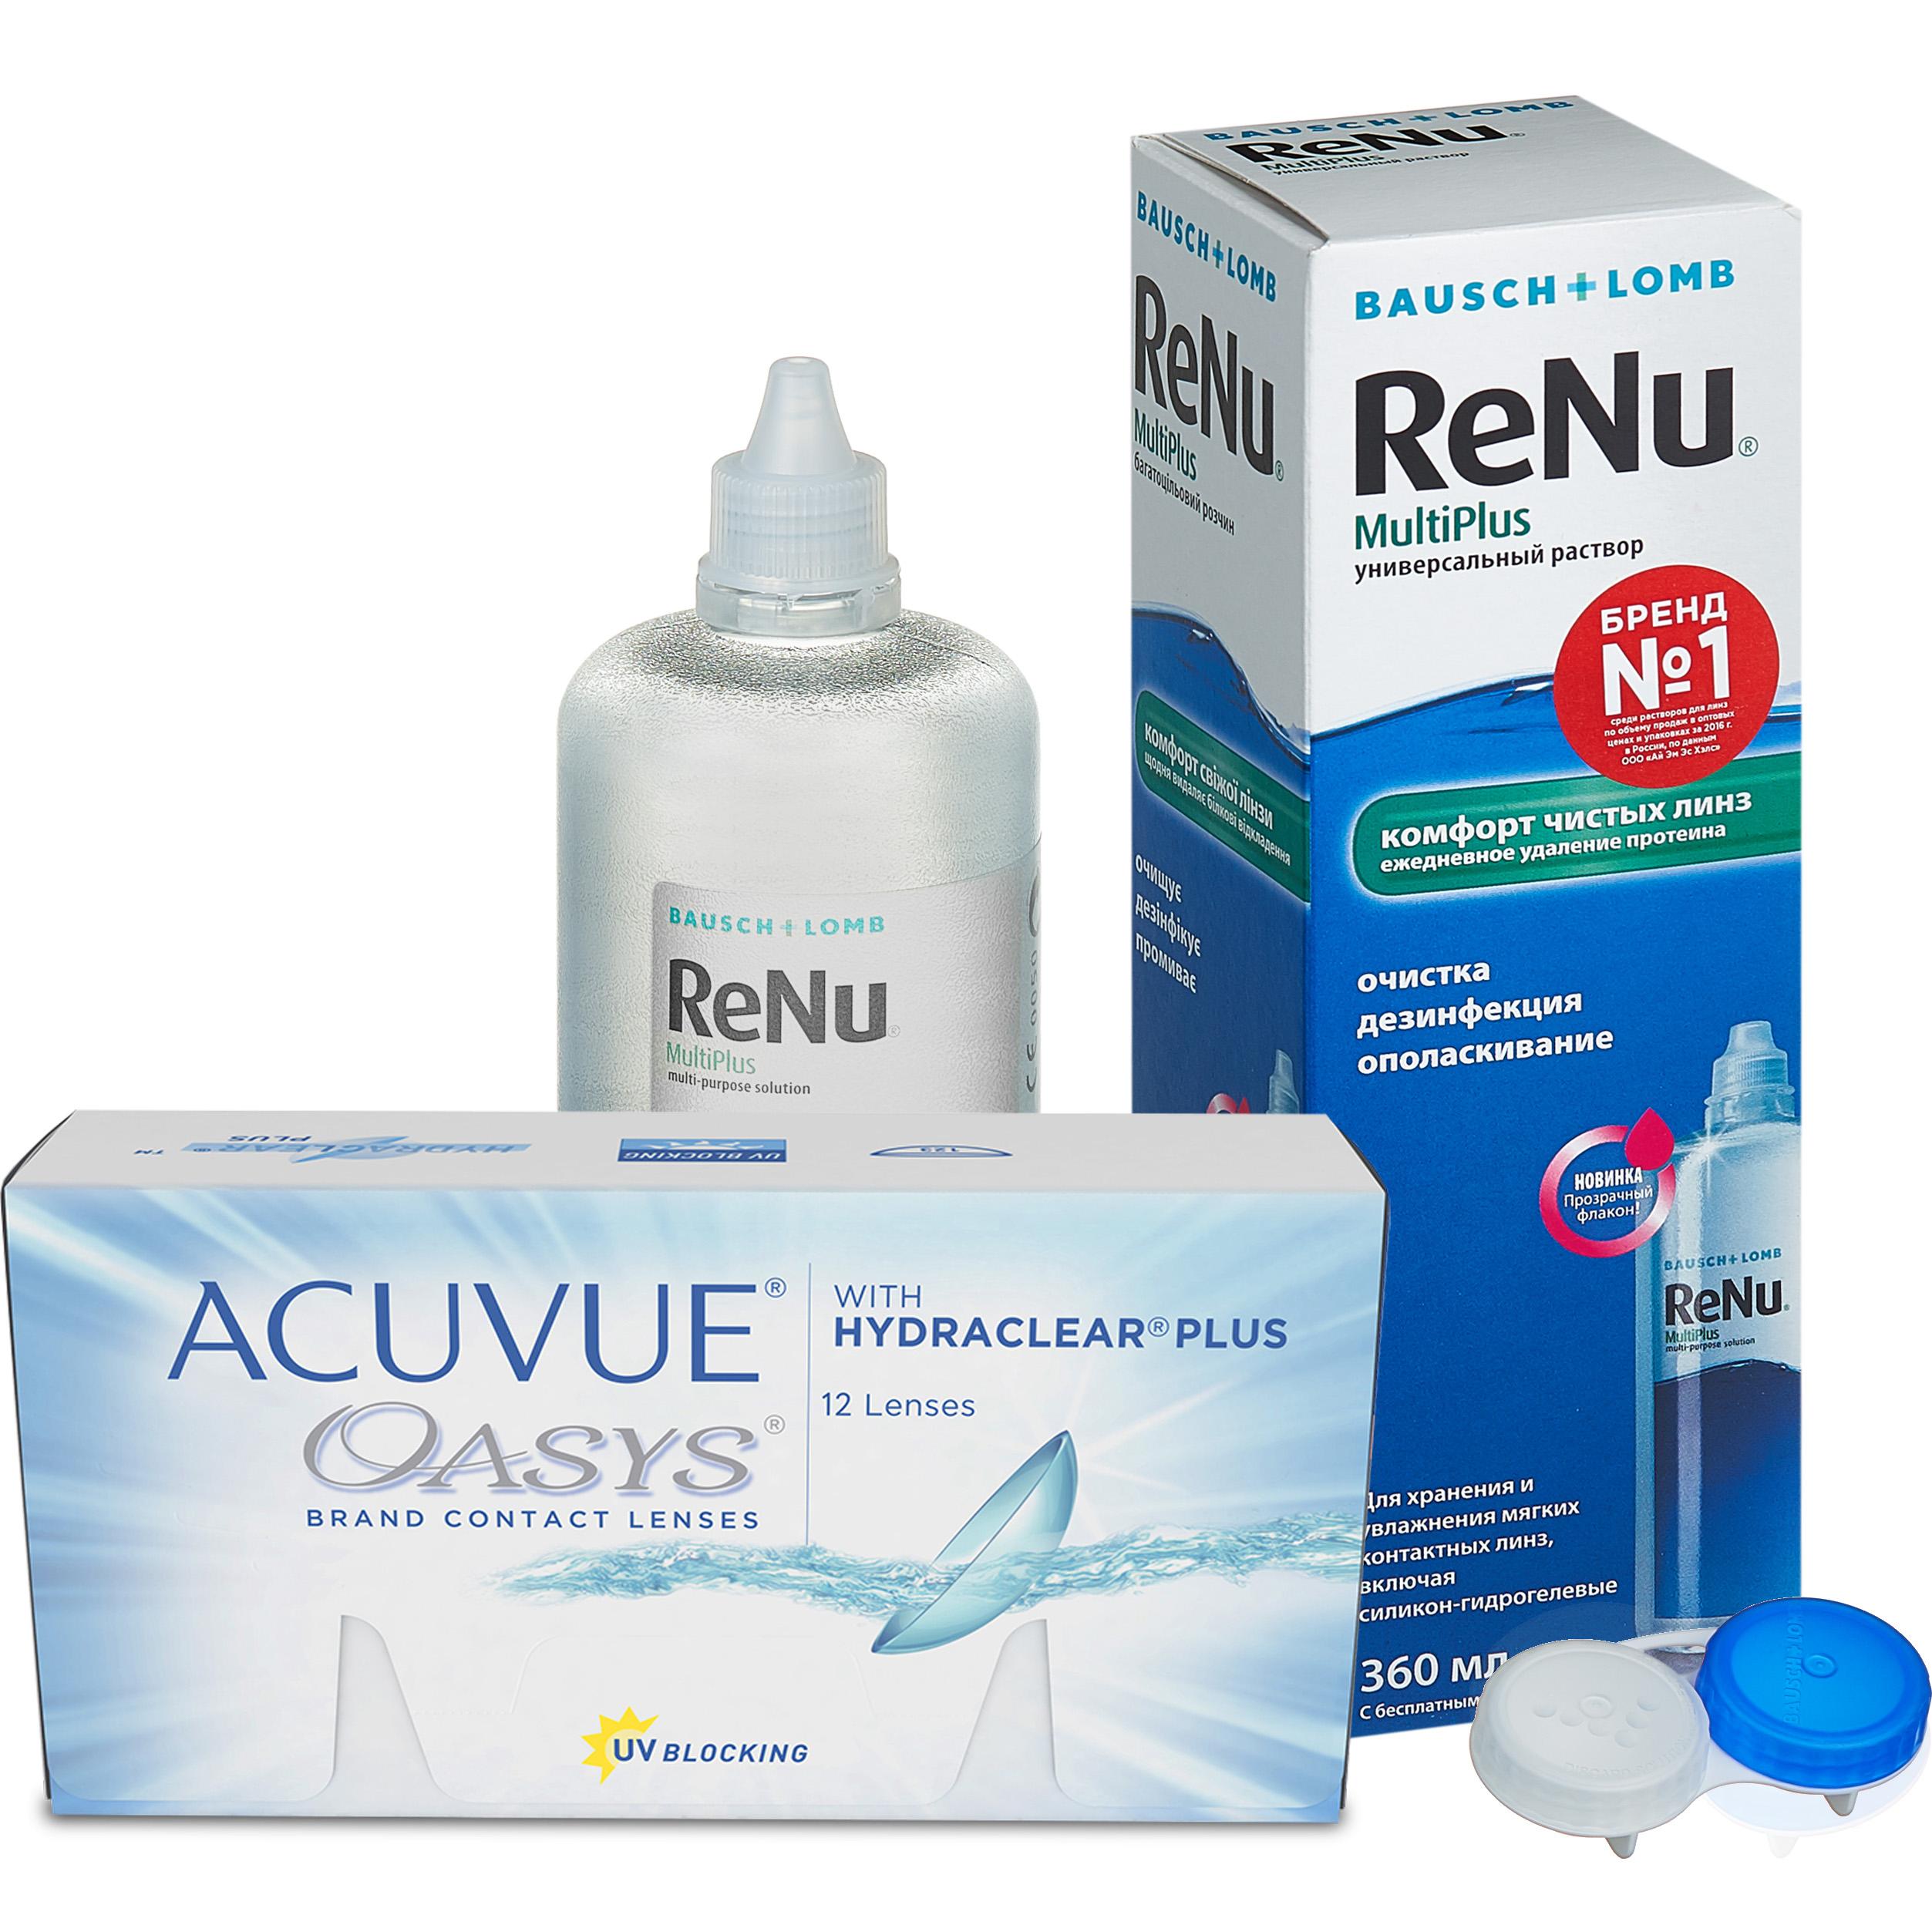 Купить Oasys with Hydraclear Plus 12 линз + ReNu MultiPlus, Линзы Acuvue Oasys with Hydraclear Plus 12 линз R 8.8 -5, 25 + ReNu Multi Plus 360 мл